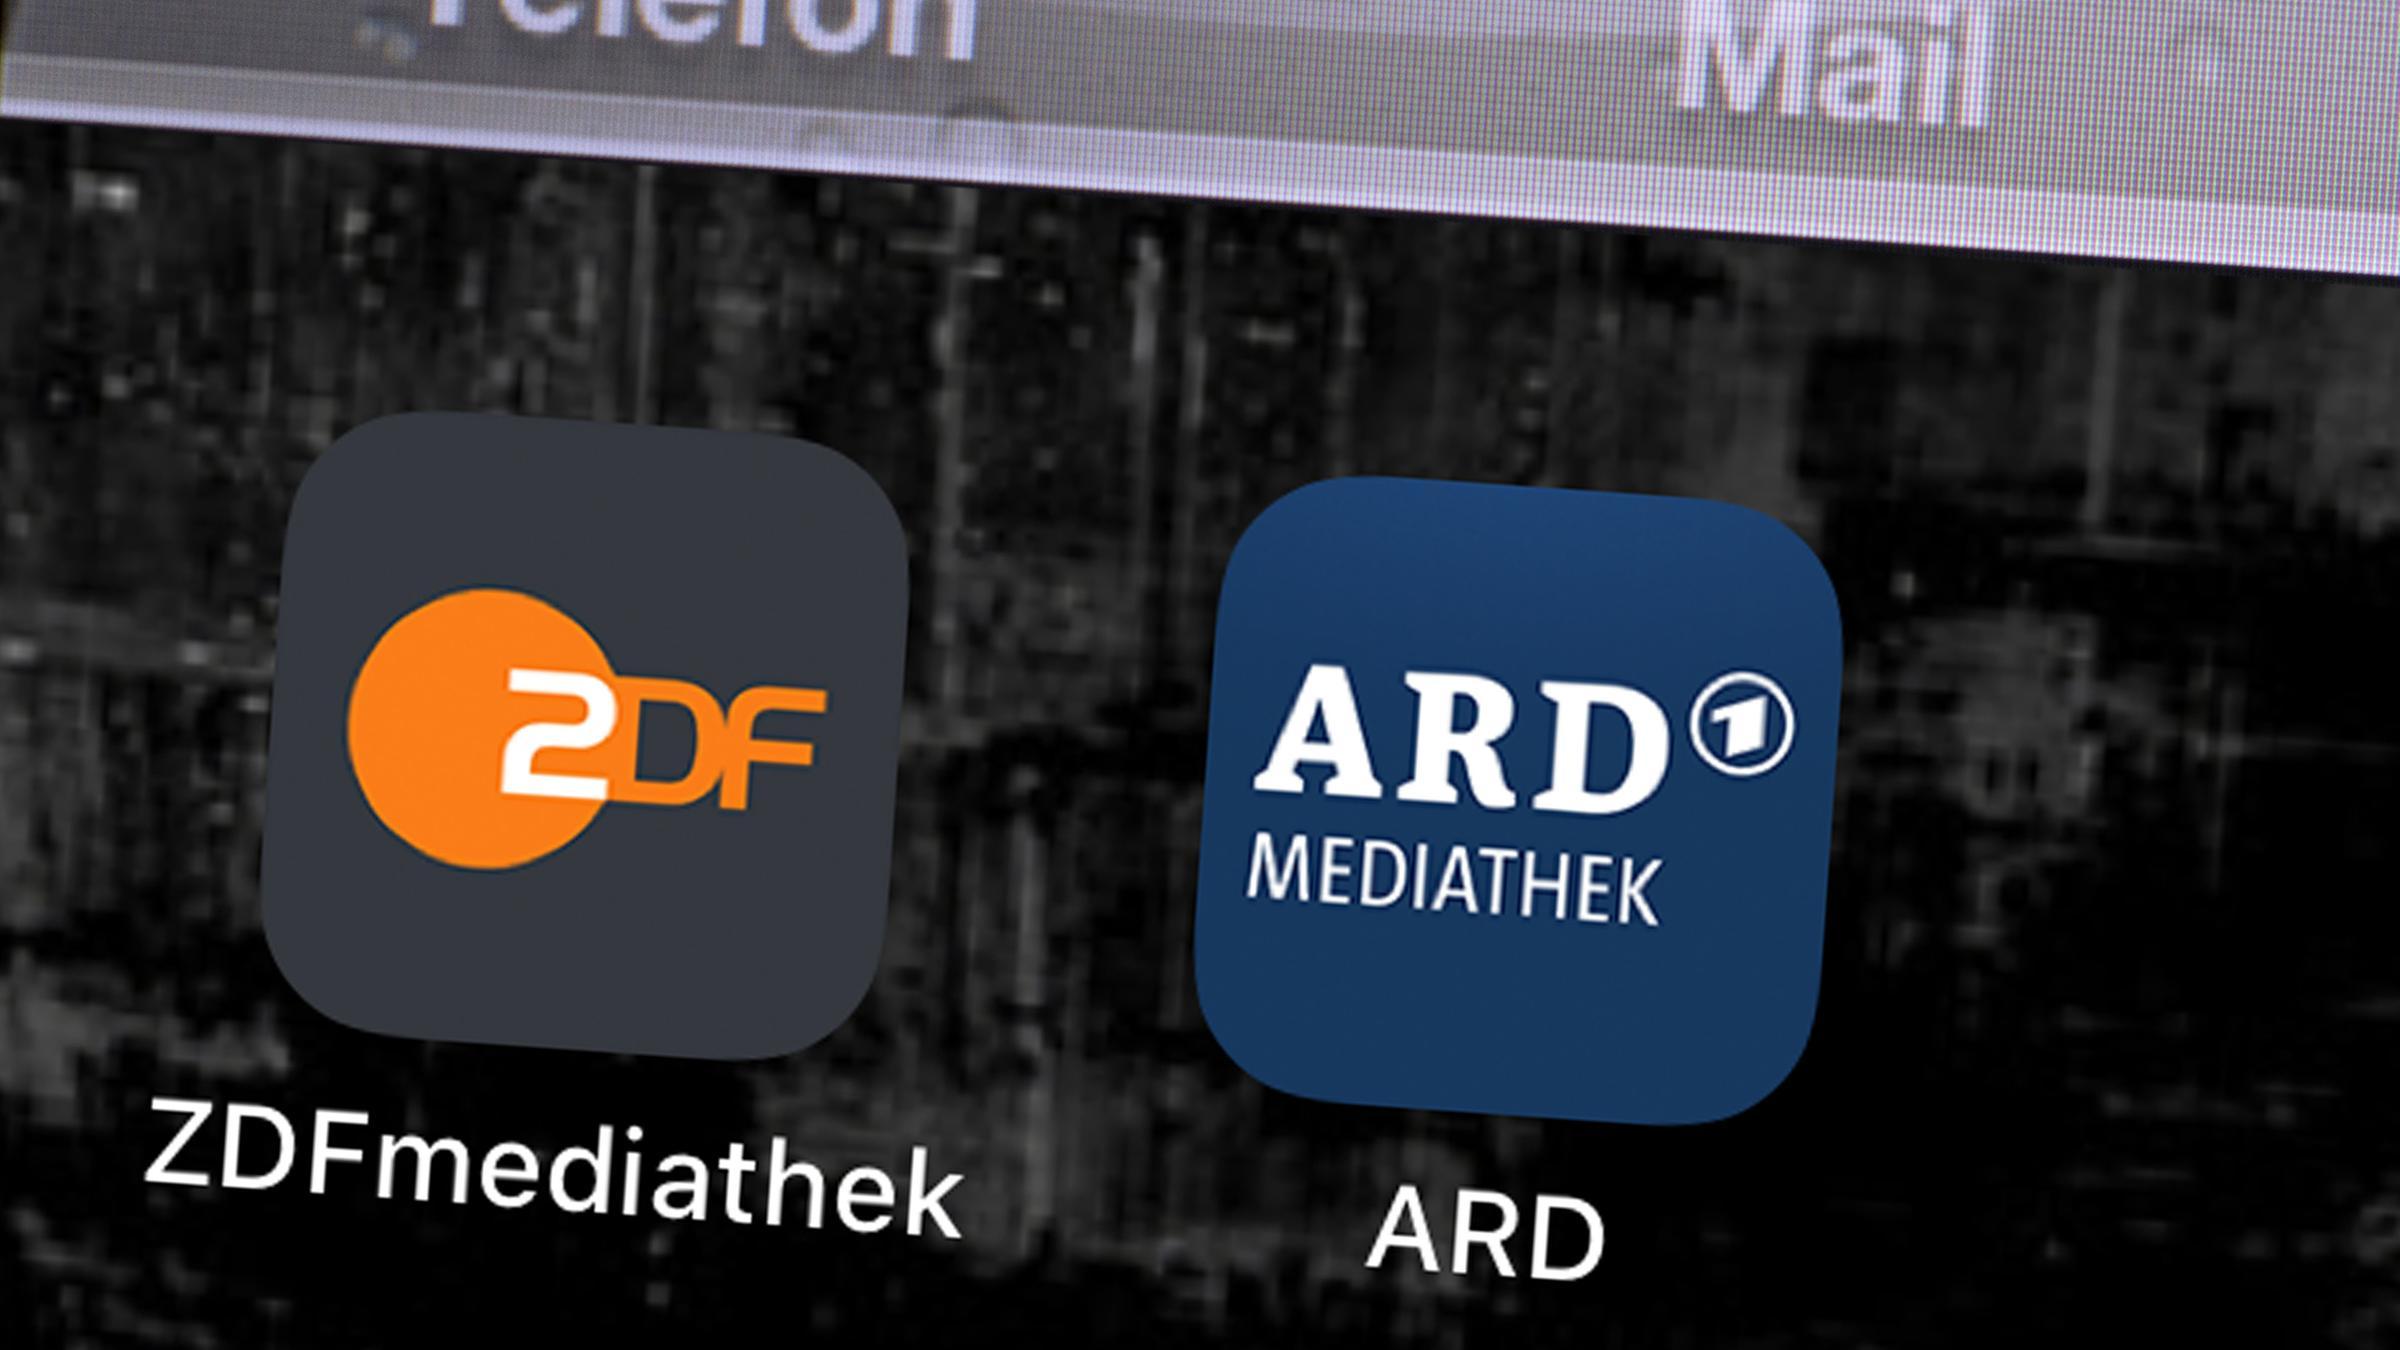 Ard Mediathek Herzkino